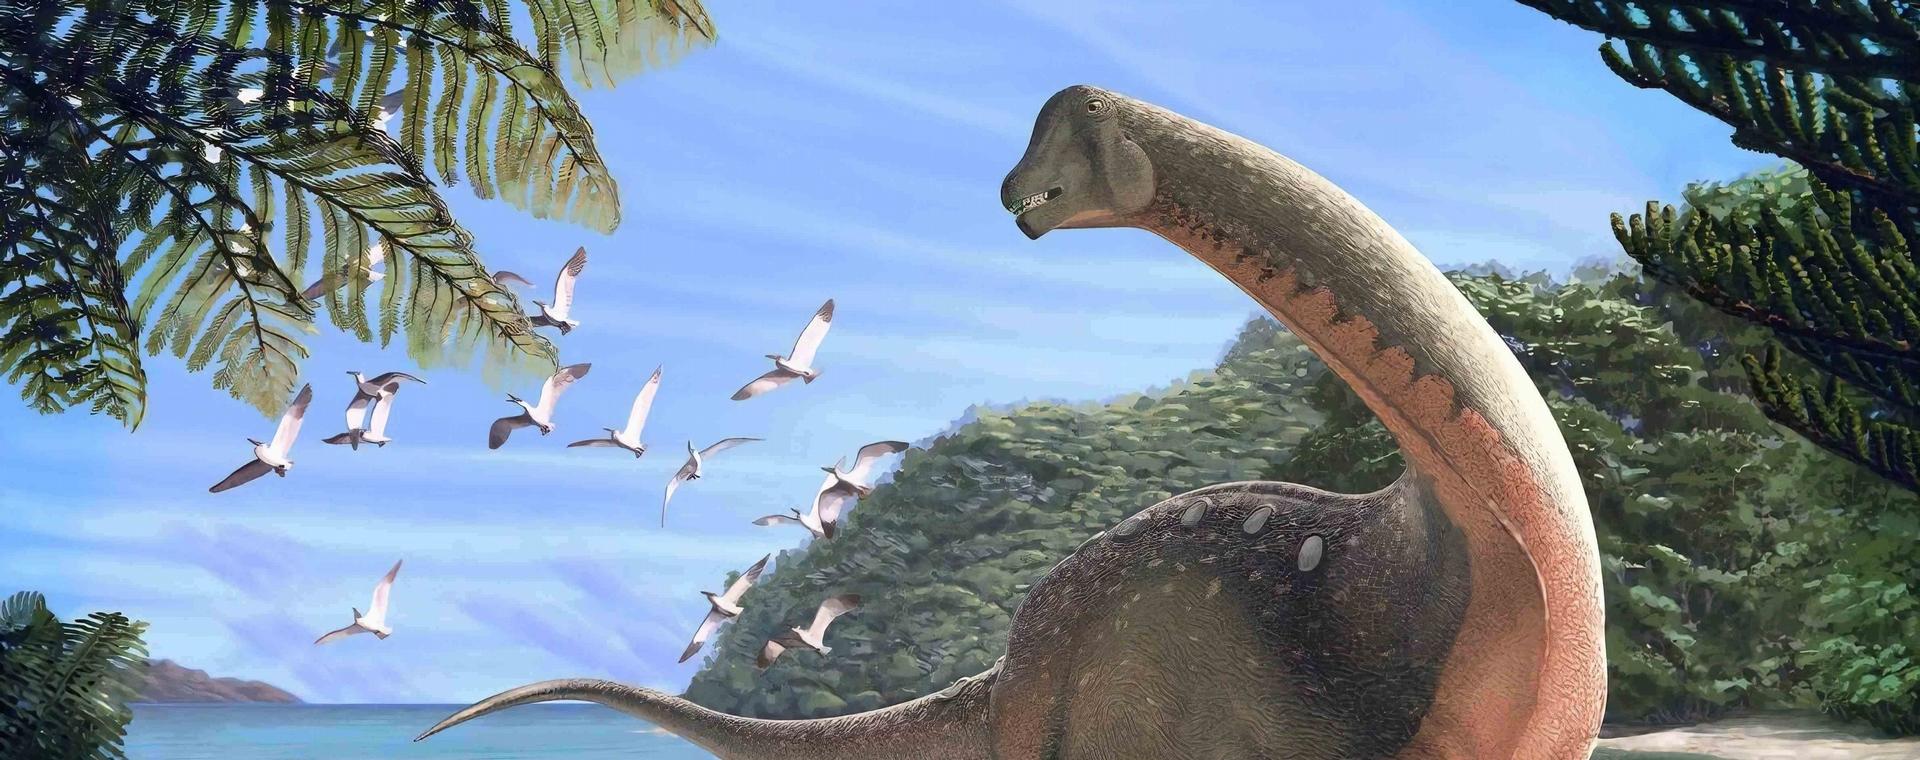 埃及不只有豔后,還有古代大恐龍